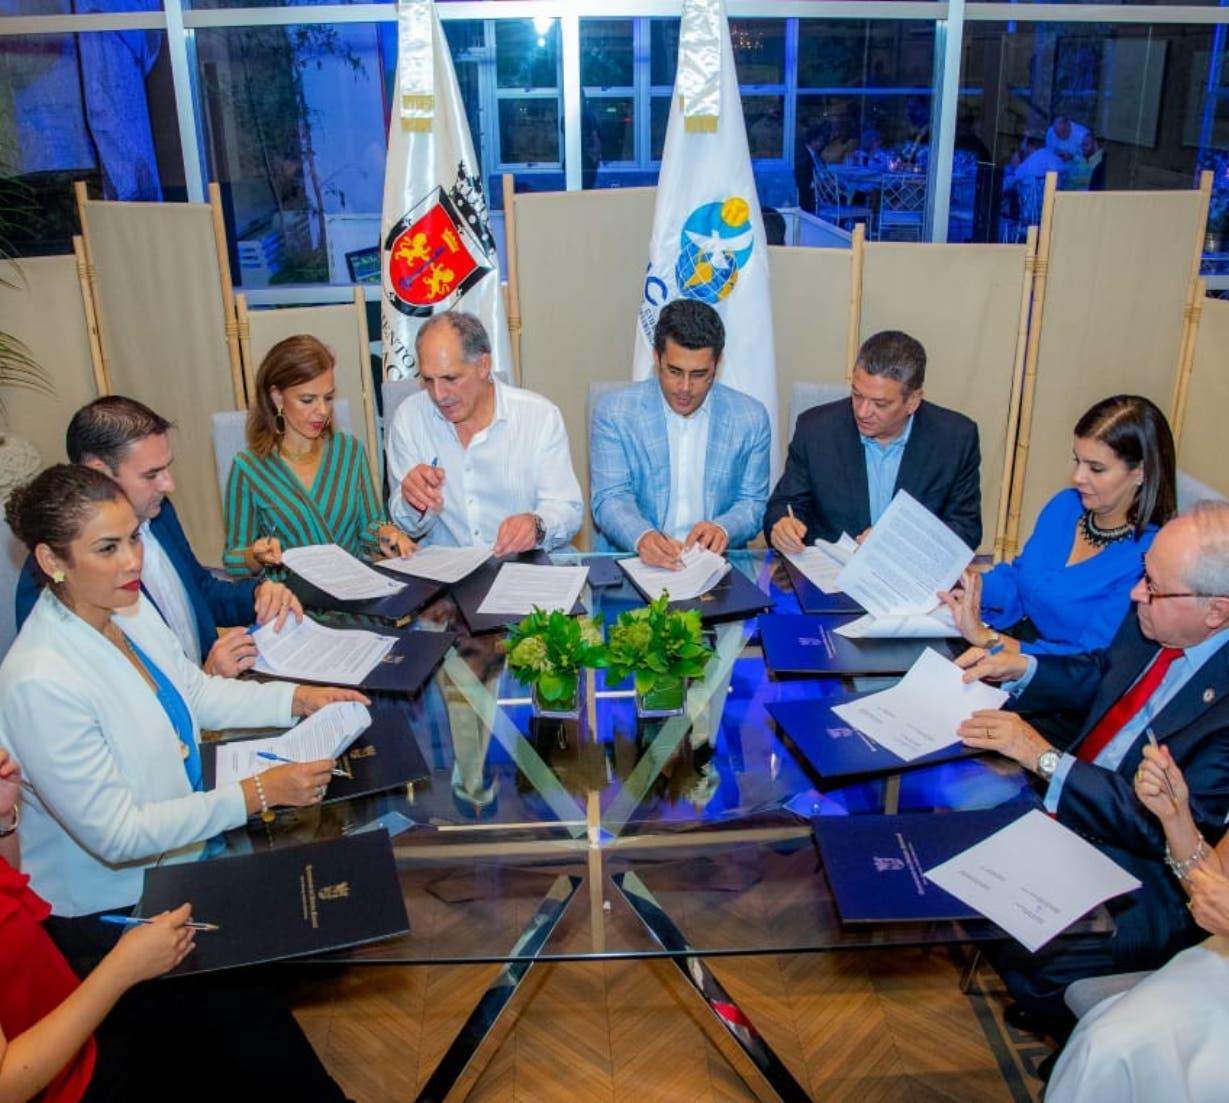 Parte de los alcaldes participantes en la actividad, encabezados por David Collado.